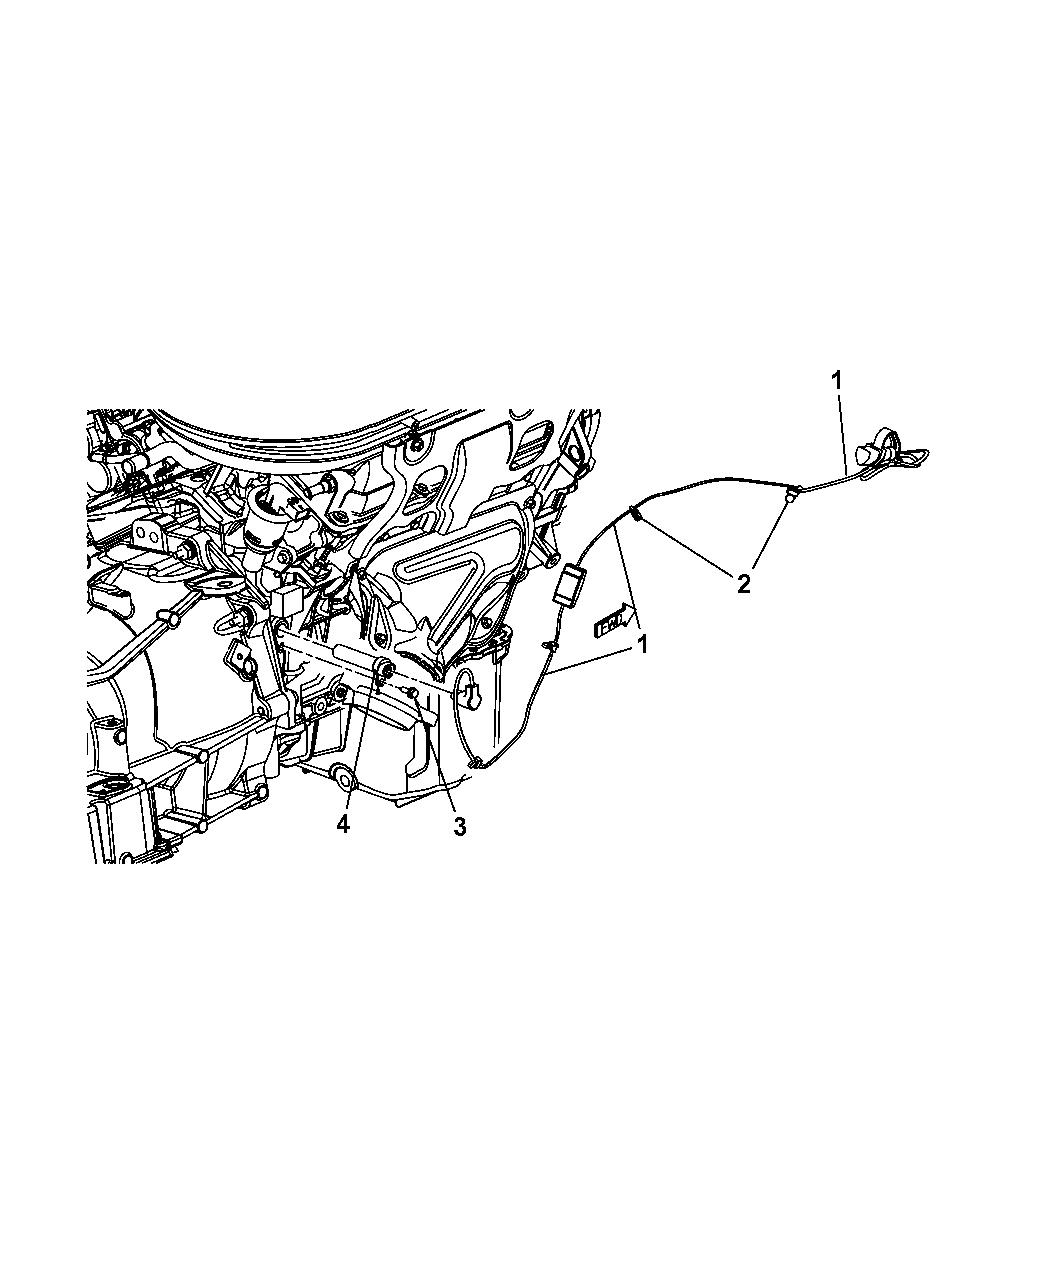 roger vivi ersaks: 2008 Dodge Avenger Engine Diagram